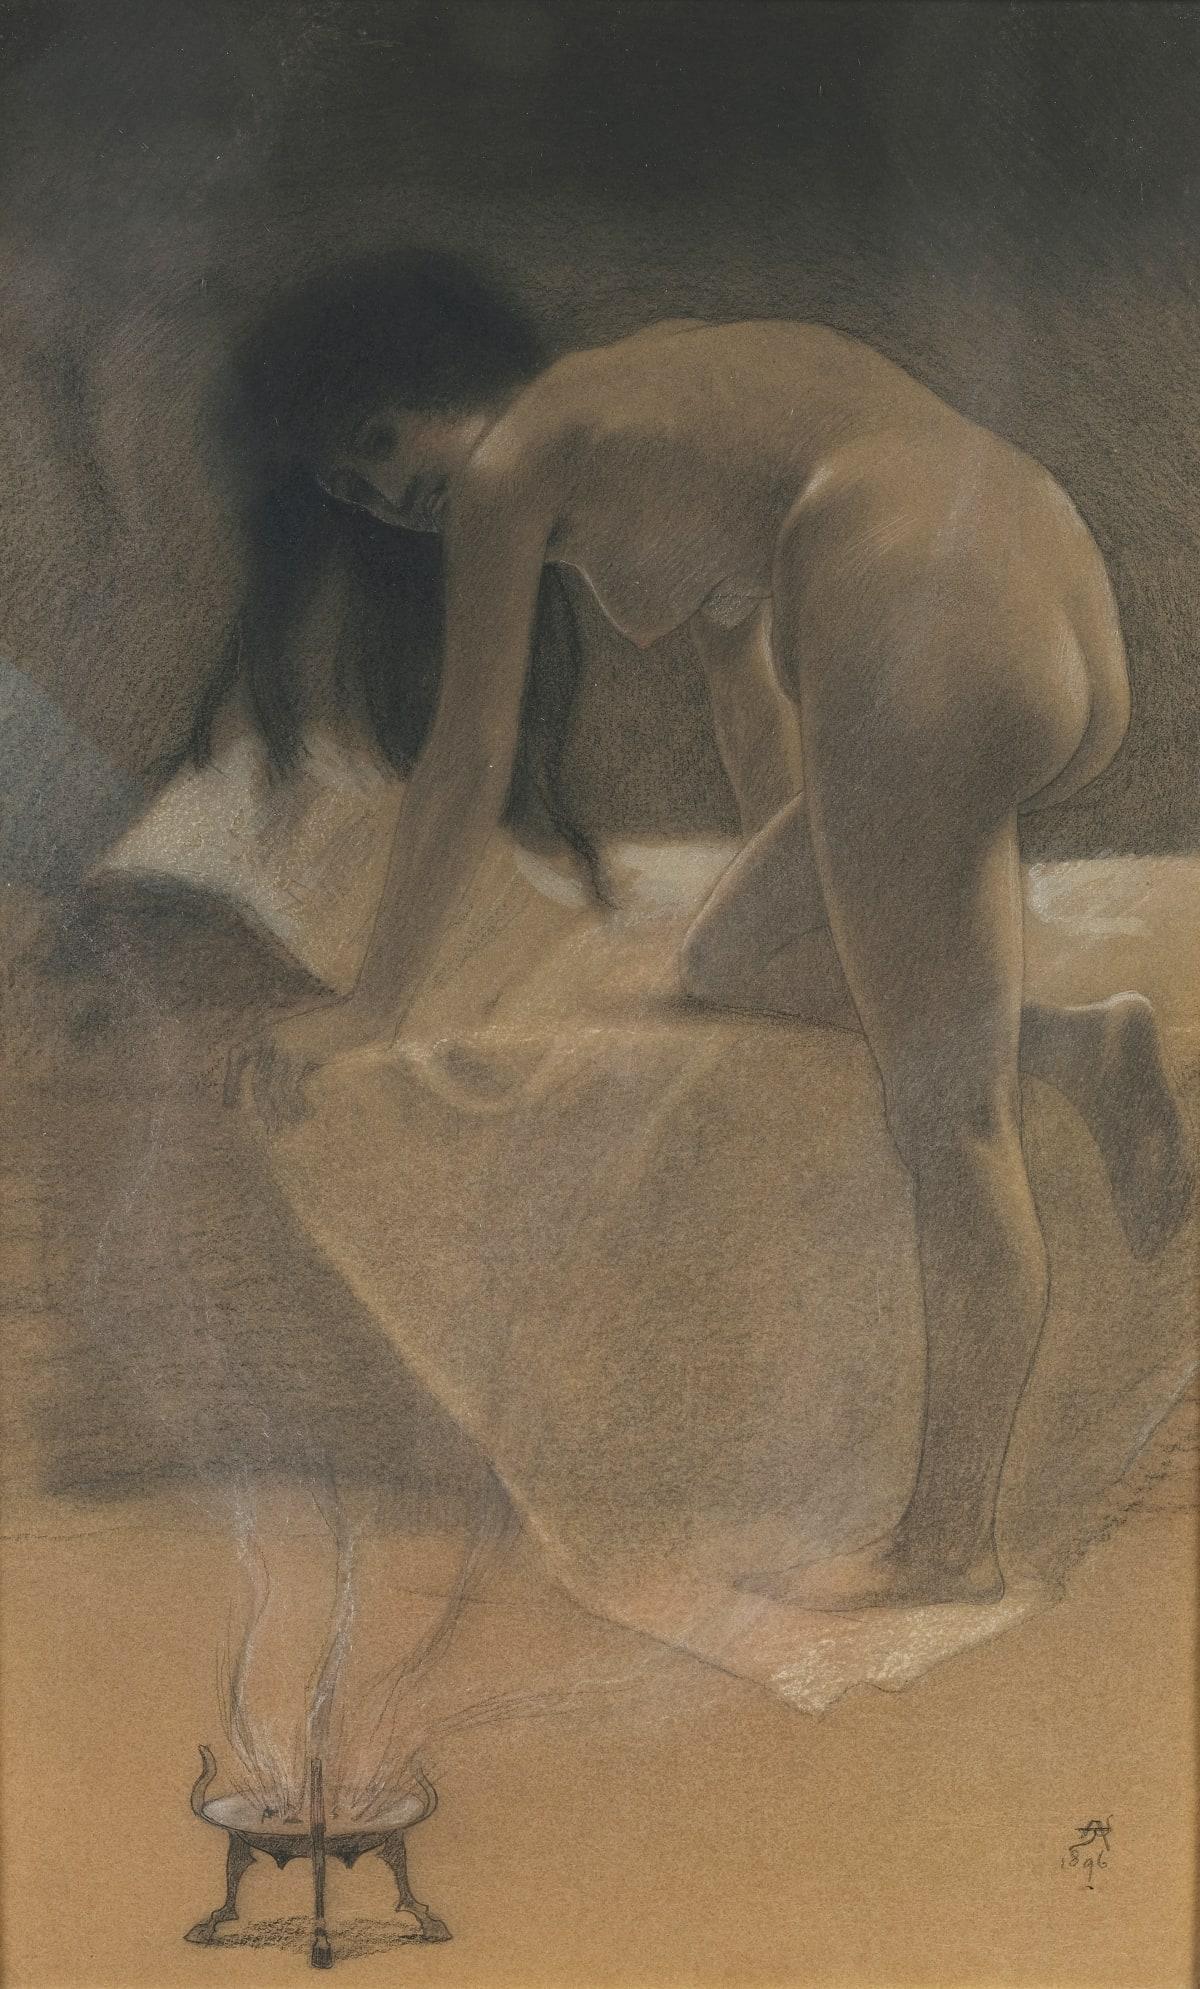 Armand Rassenfosse La Sorcière, 1896 Mine de plomb, fusain, pastel, craie blanche 42 x 26,5 cm Monogrammé et daté en bas à droite